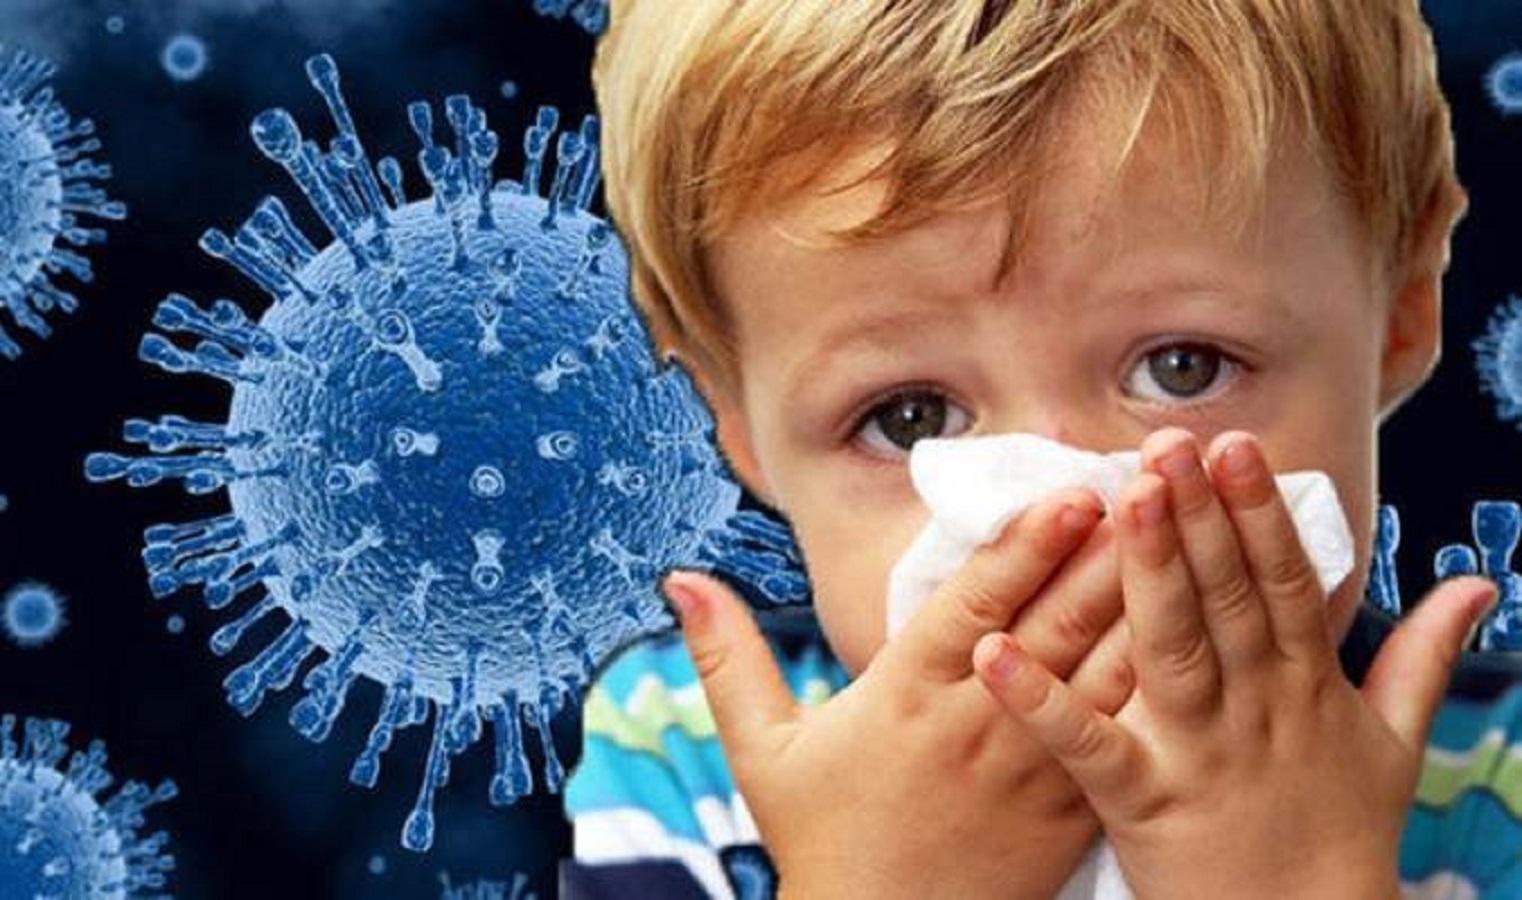 کودکان هم کرونا می گیرند/ماجرای سشوار گرفتن به دهان و بینی